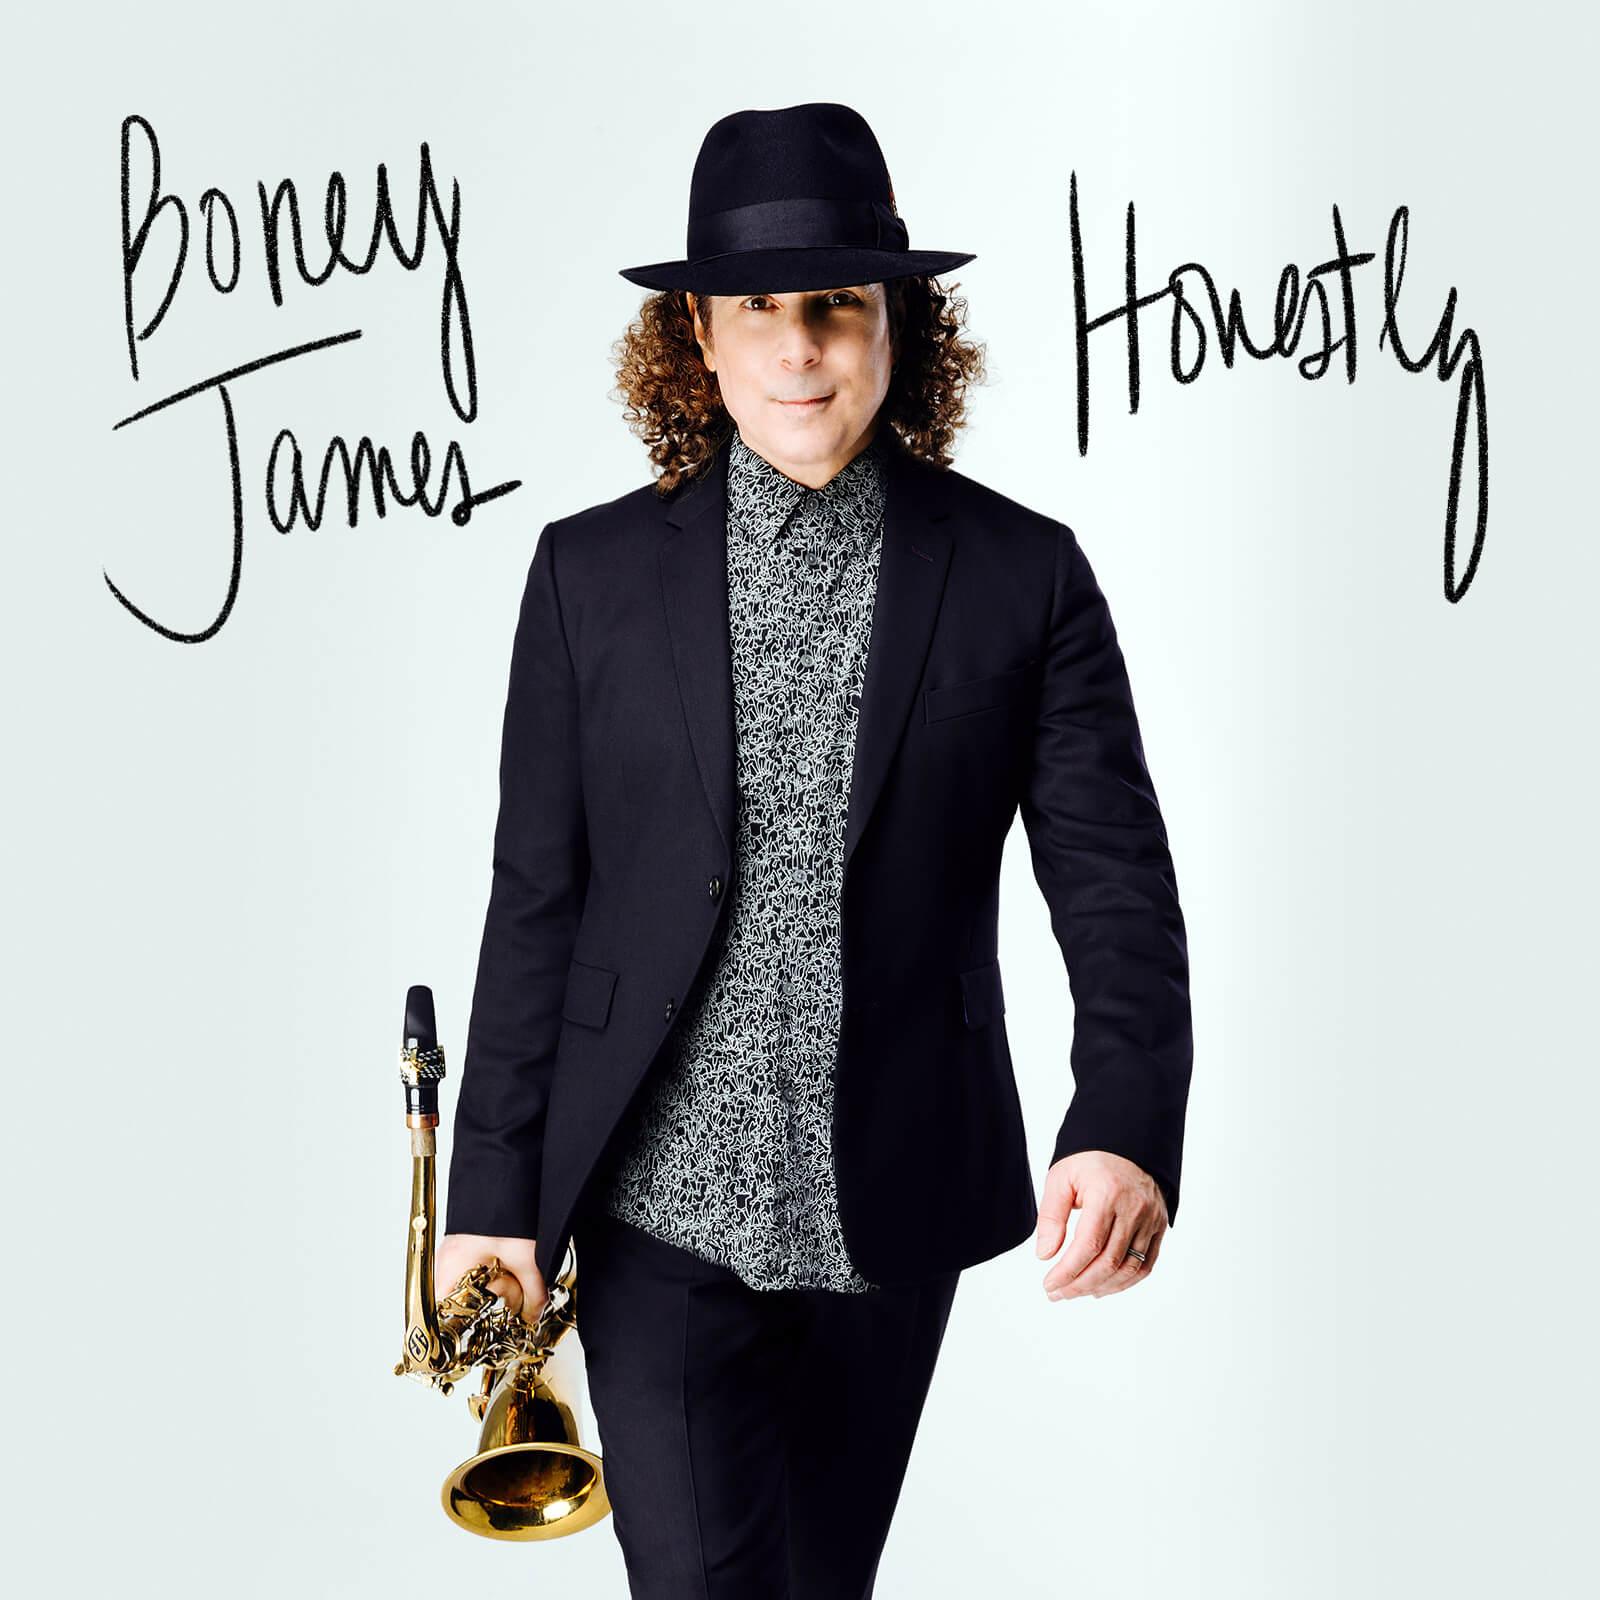 Boney James Honestly